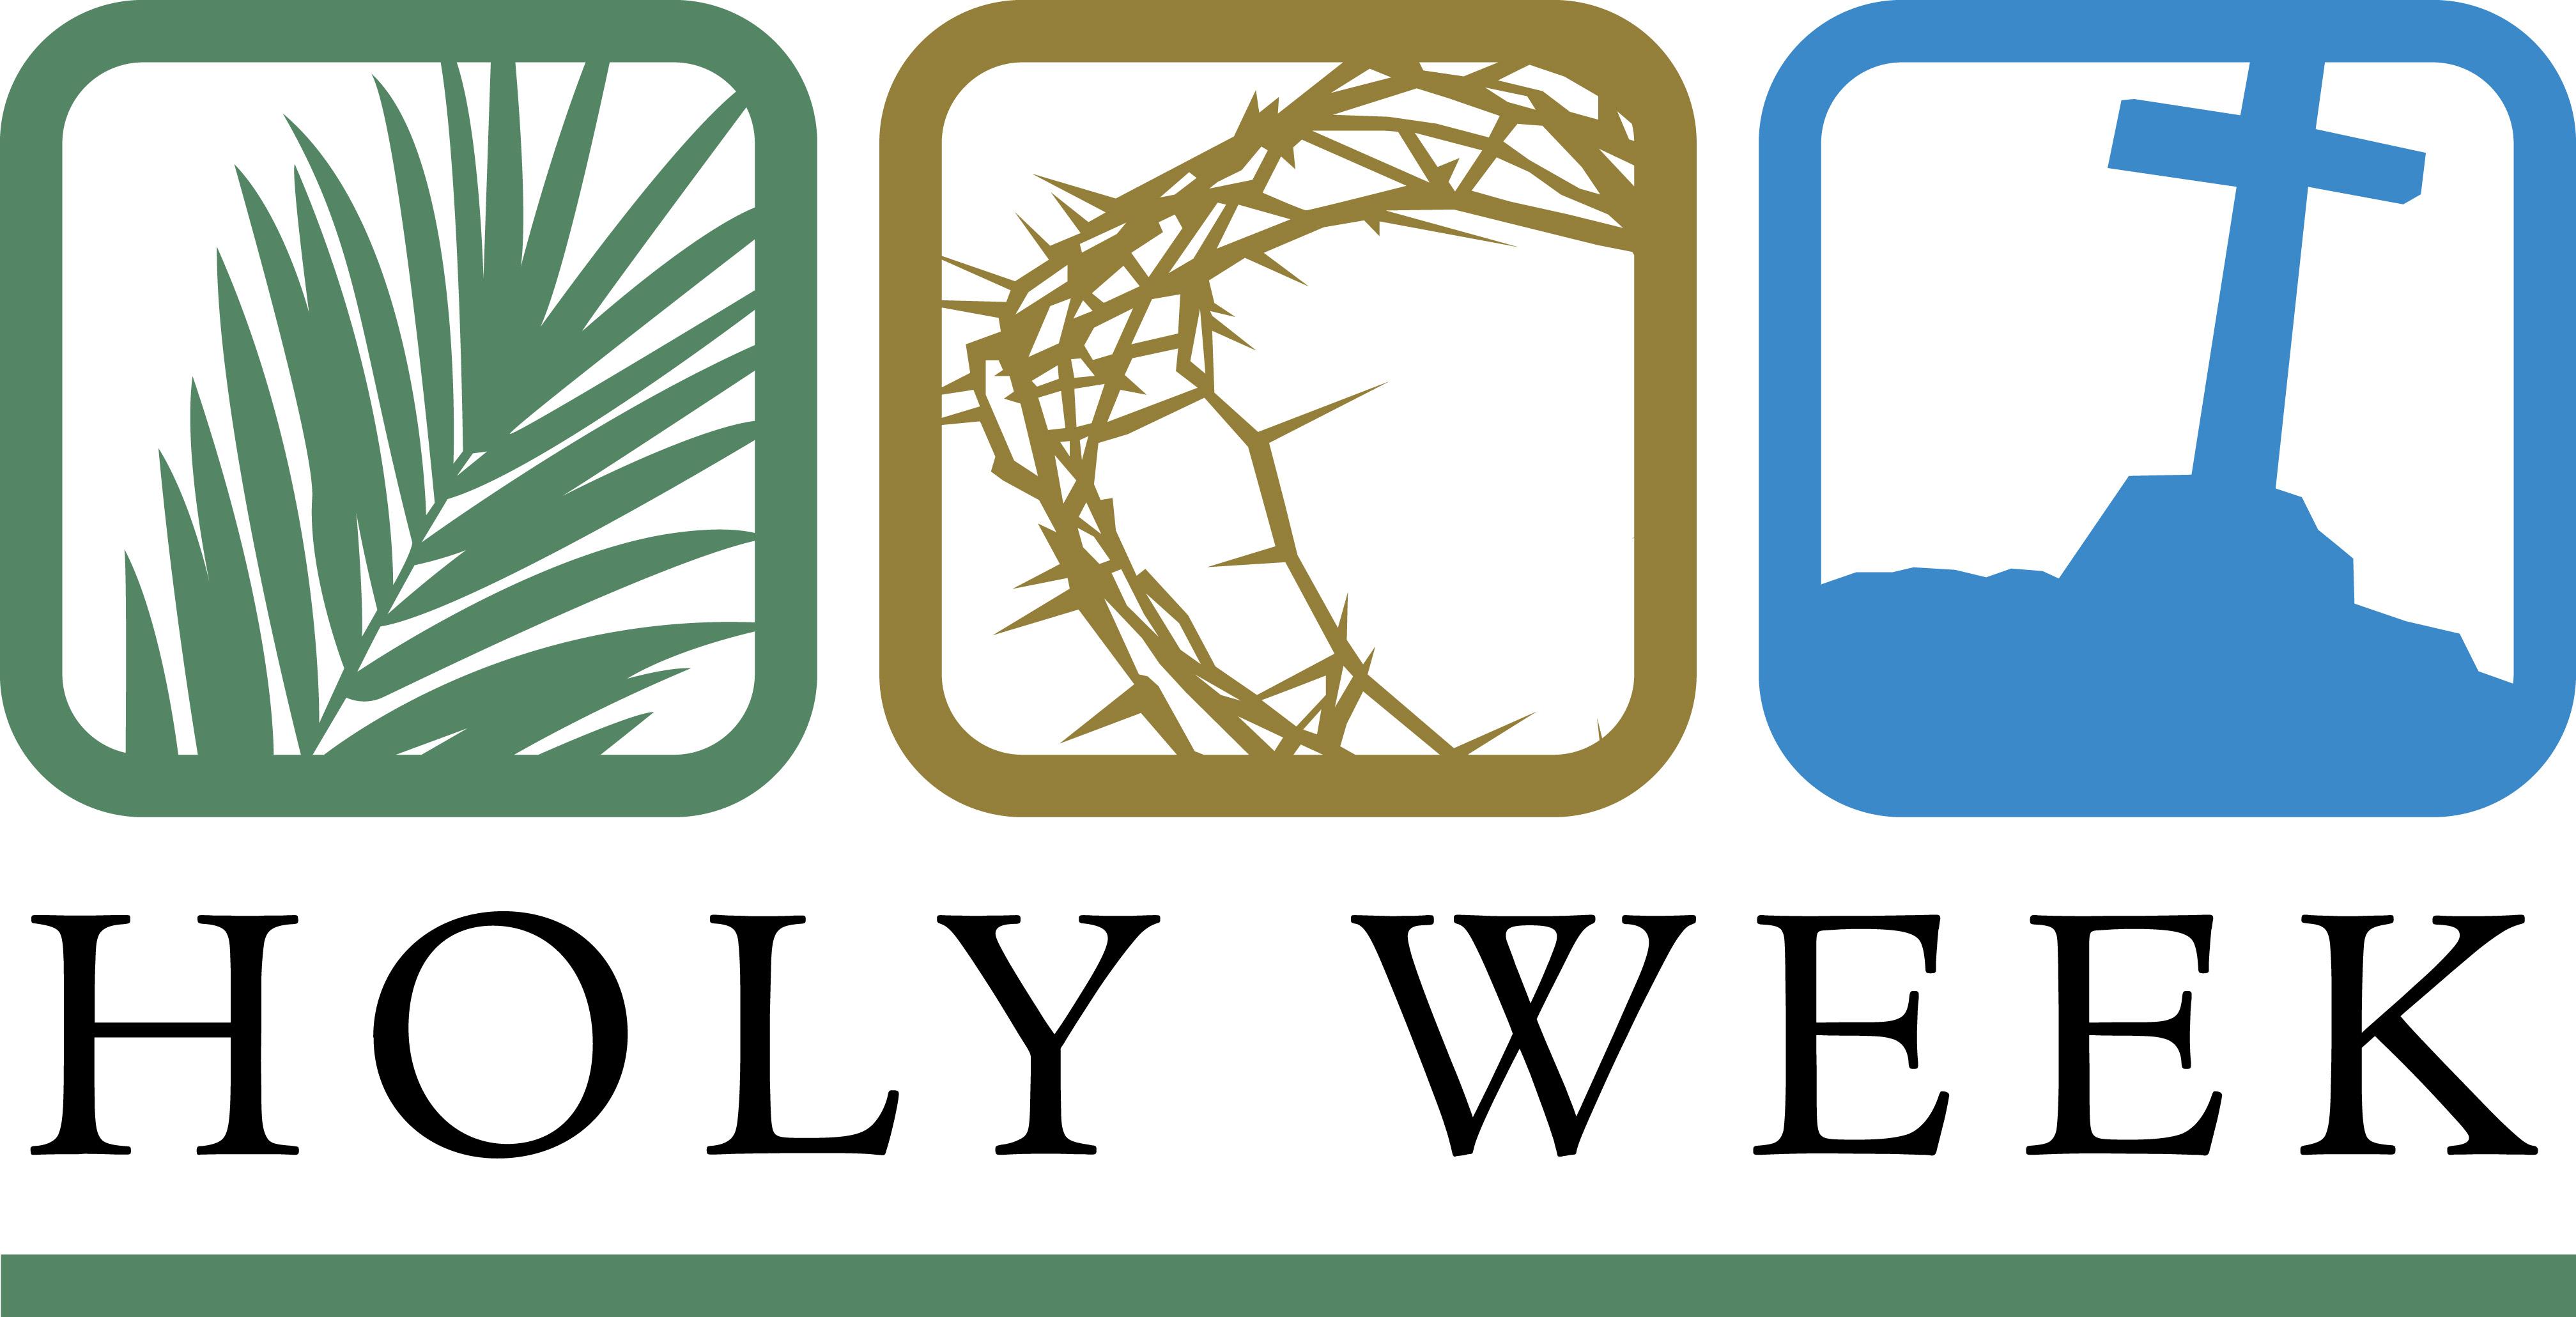 . Catholic clipart holy week